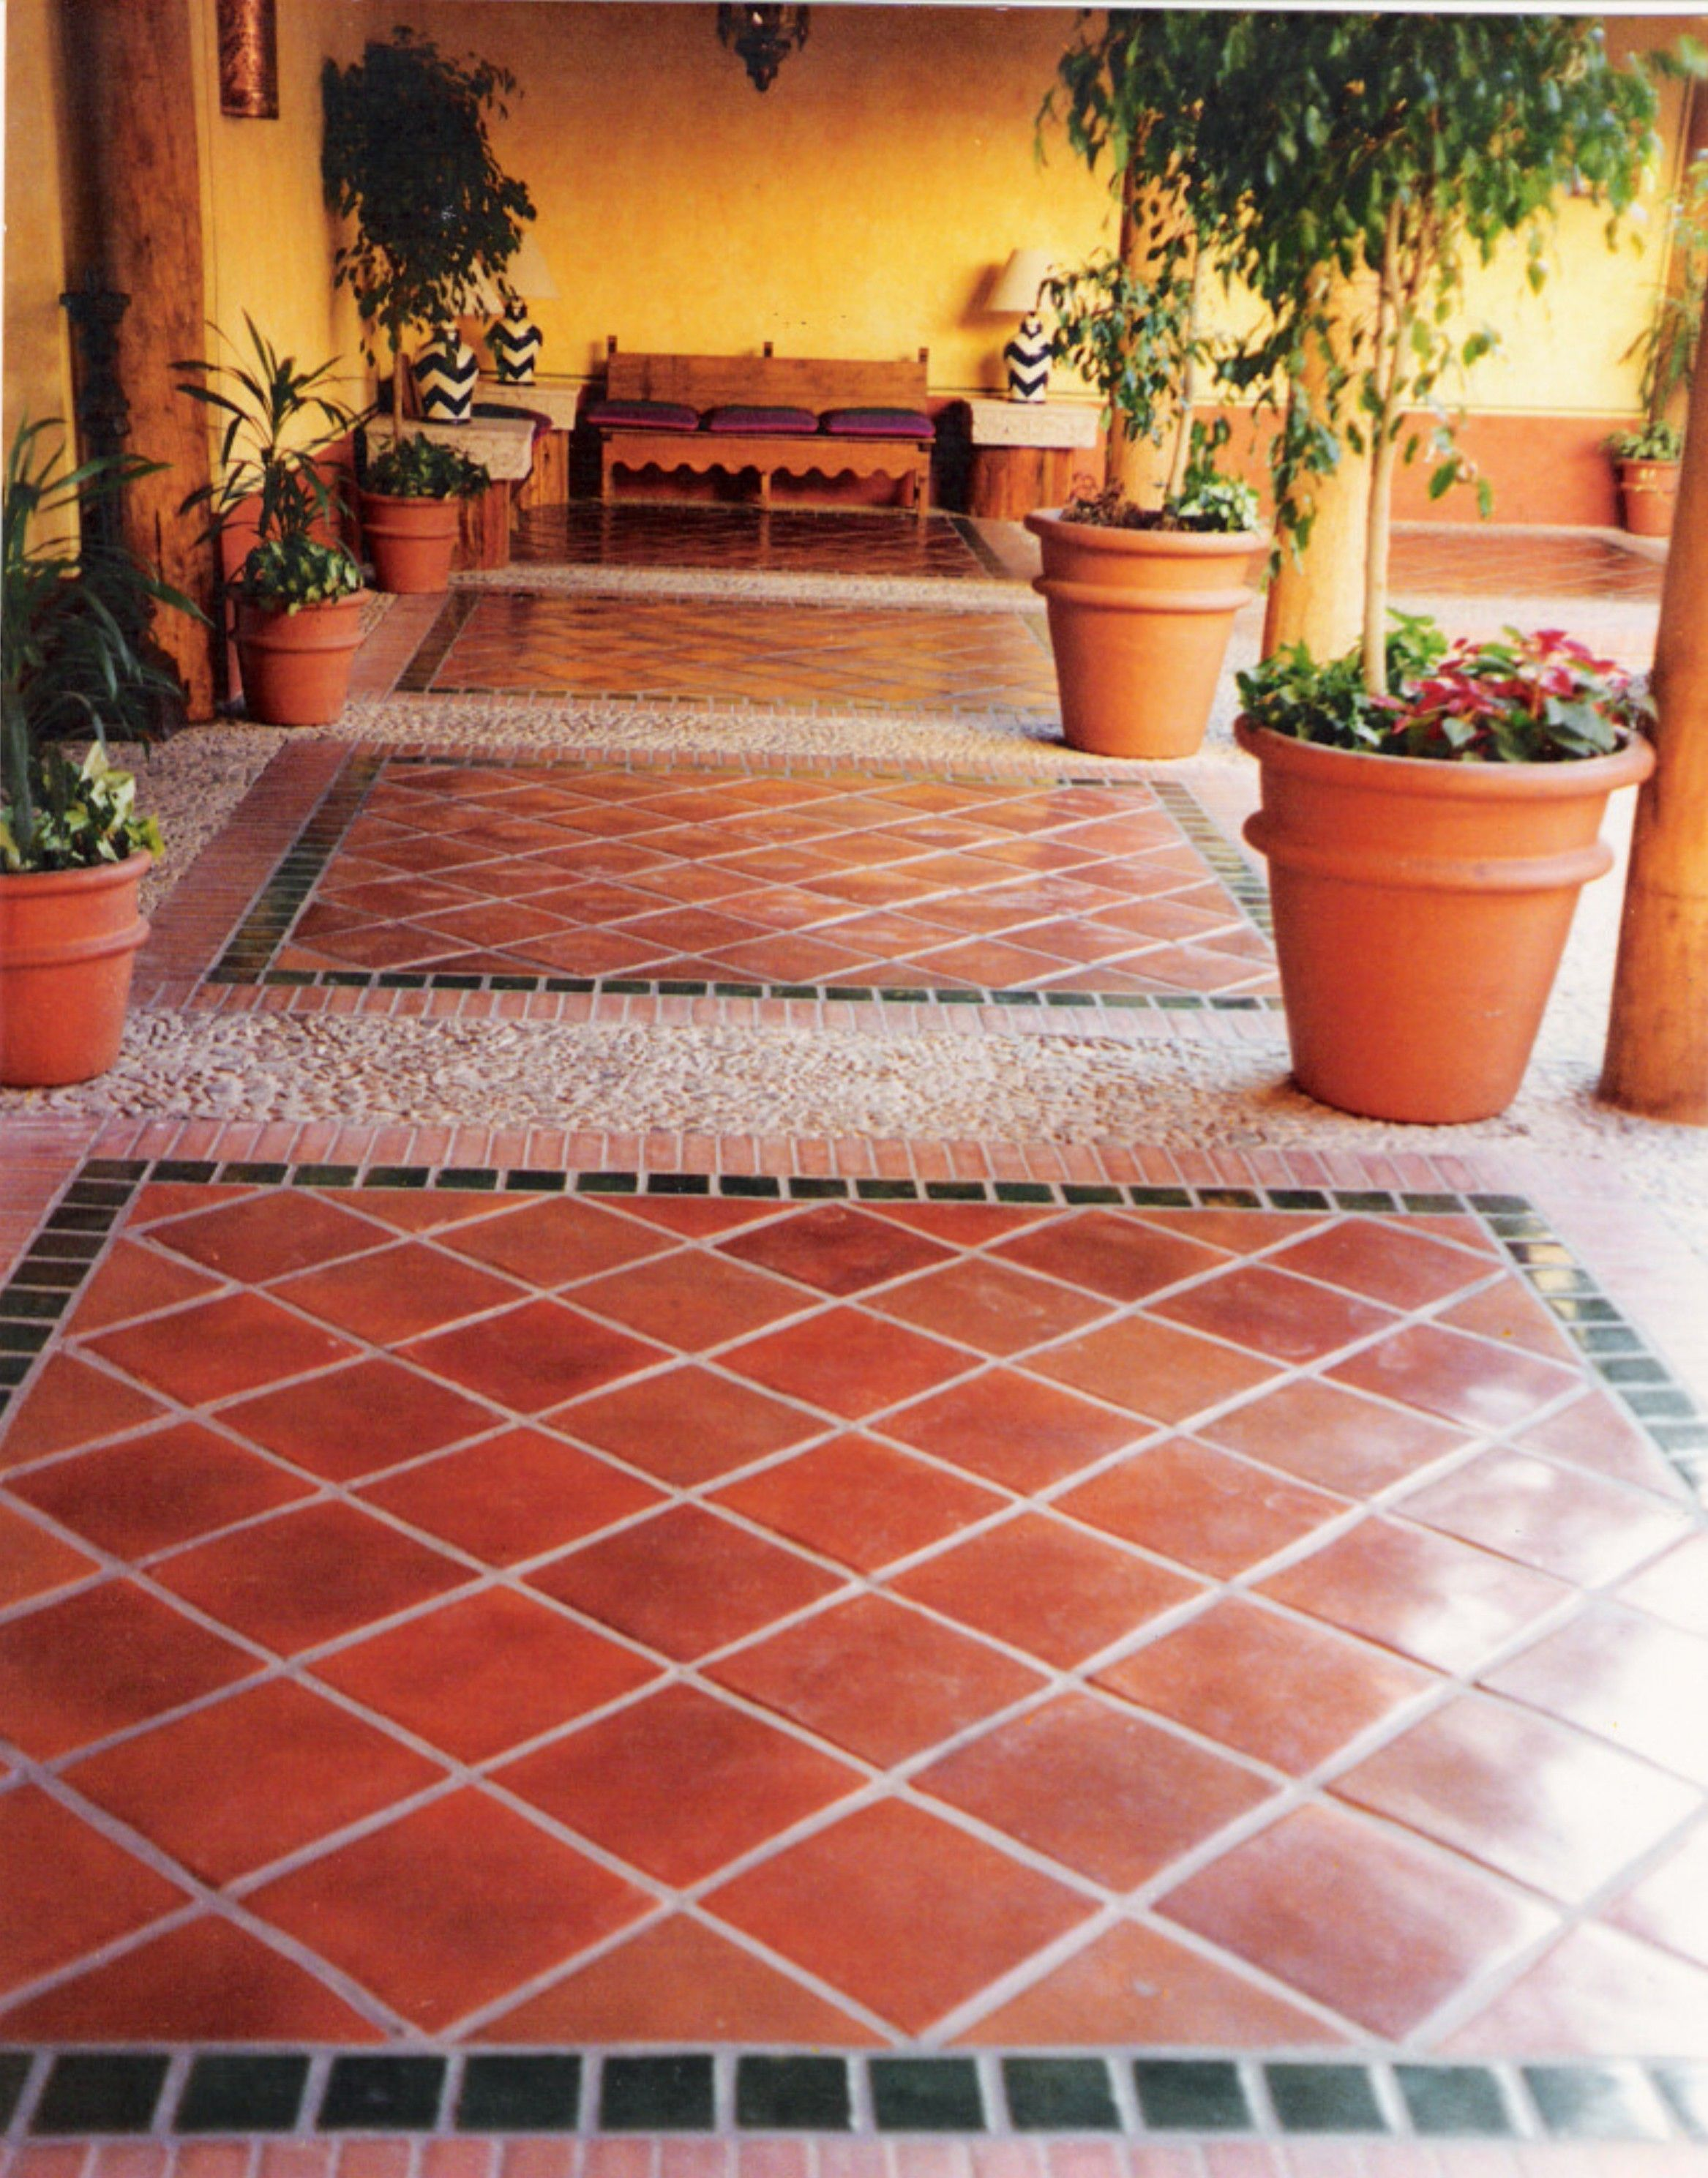 Ceramica san pedro instalaciones pisos y accesorios en for Pisos para patios rusticos